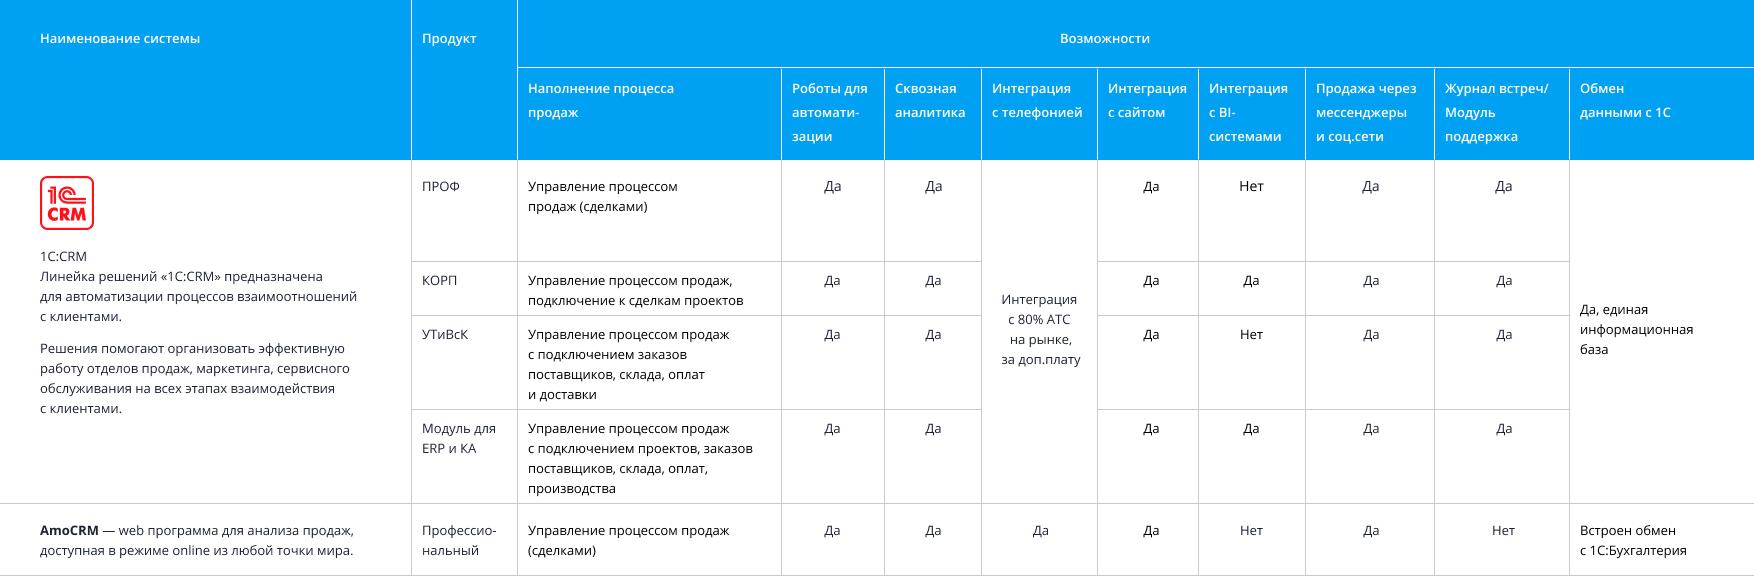 Таблица-сравнение популярных в России CRM-систем